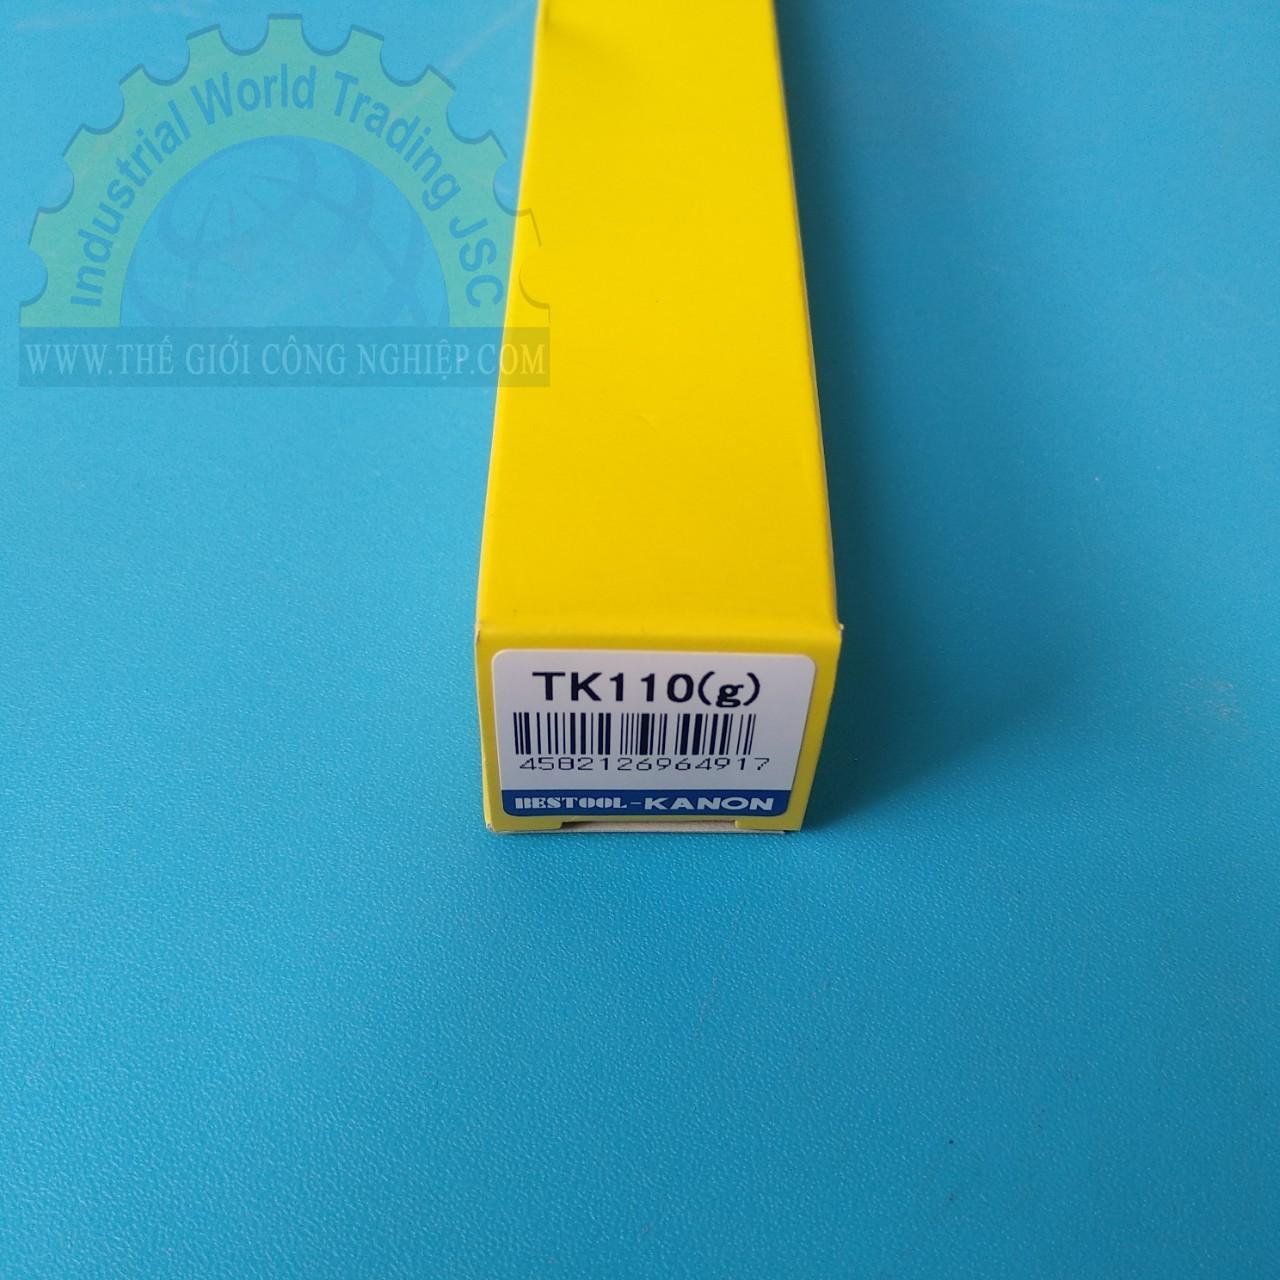 Tension gauge 0 - 110g TK110 Kanon